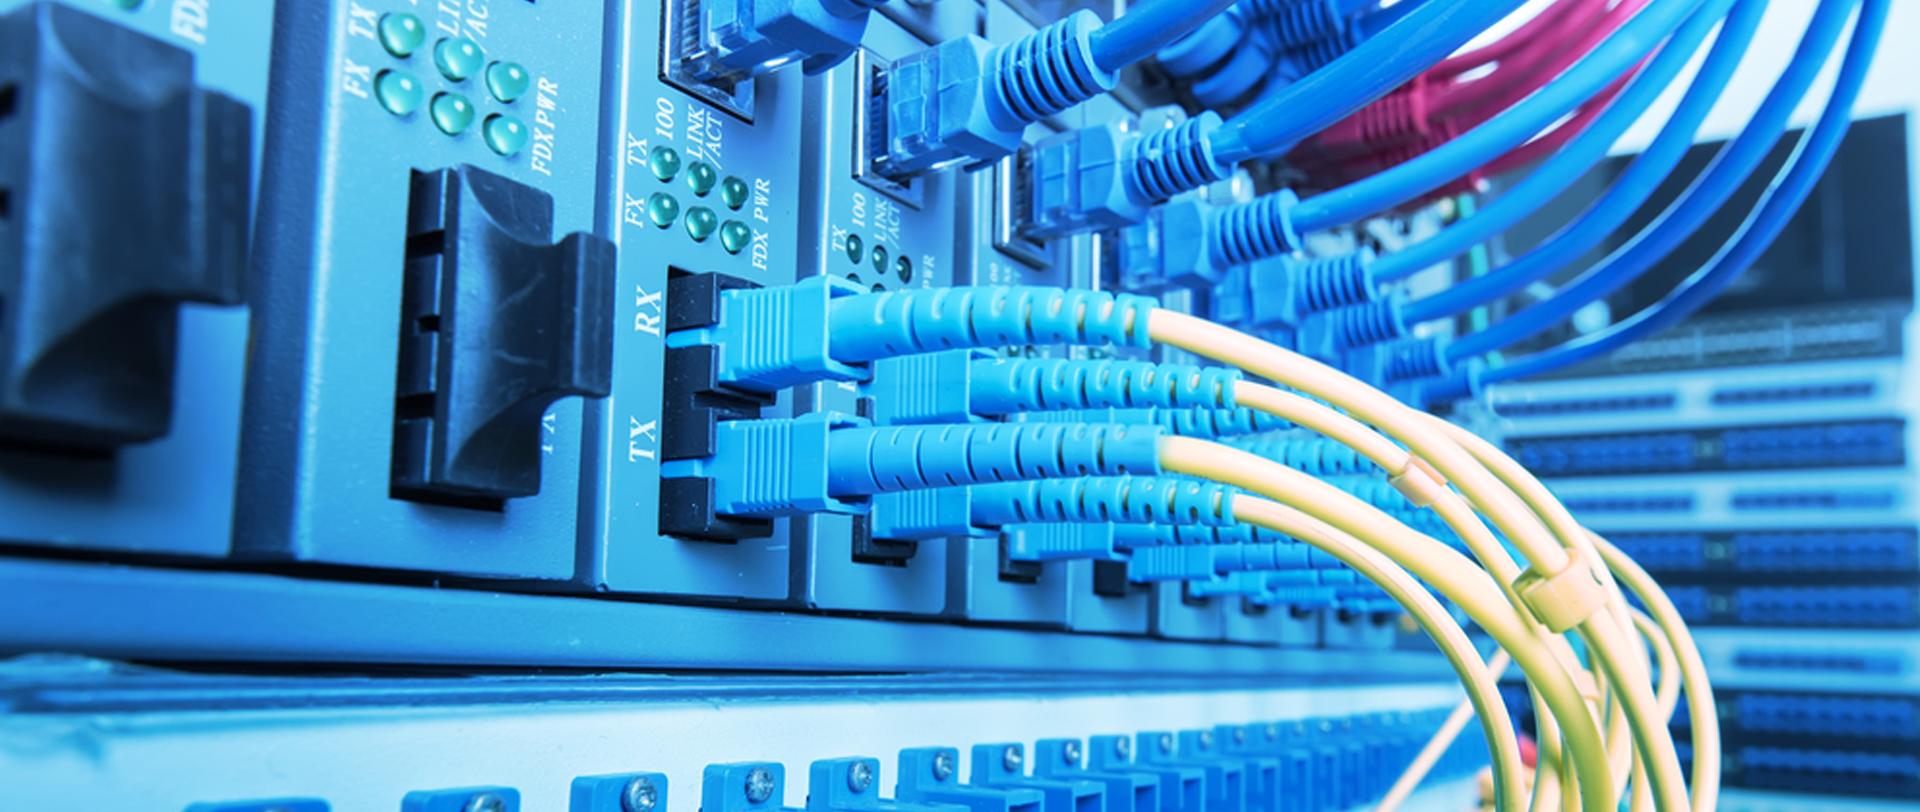 GPON Structured Cabling | Comsat AV